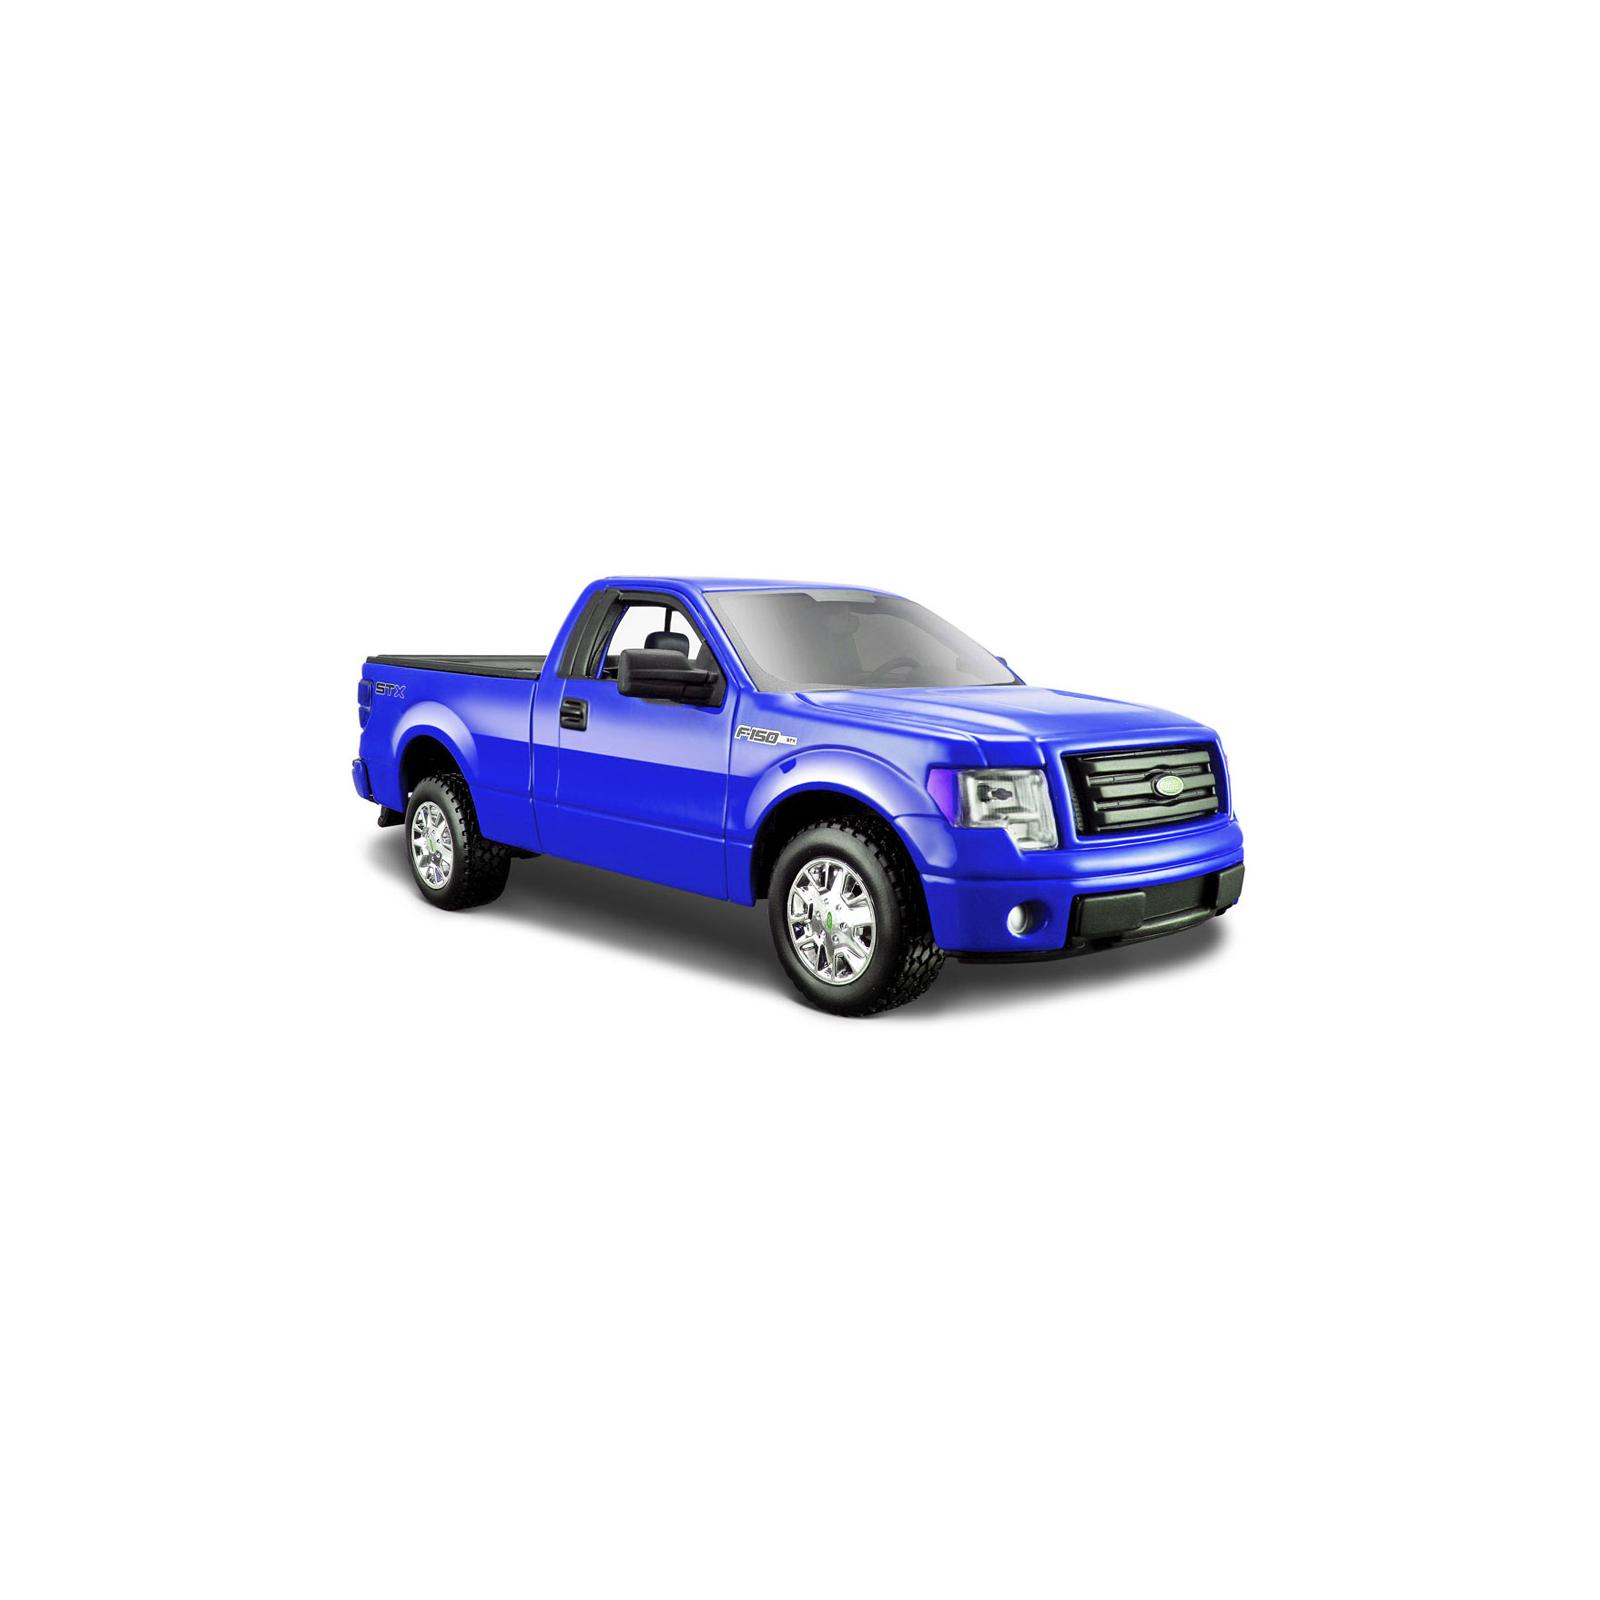 Машина Maisto Ford F-150 STX (1:27) синий металлик (31270 met. blue)